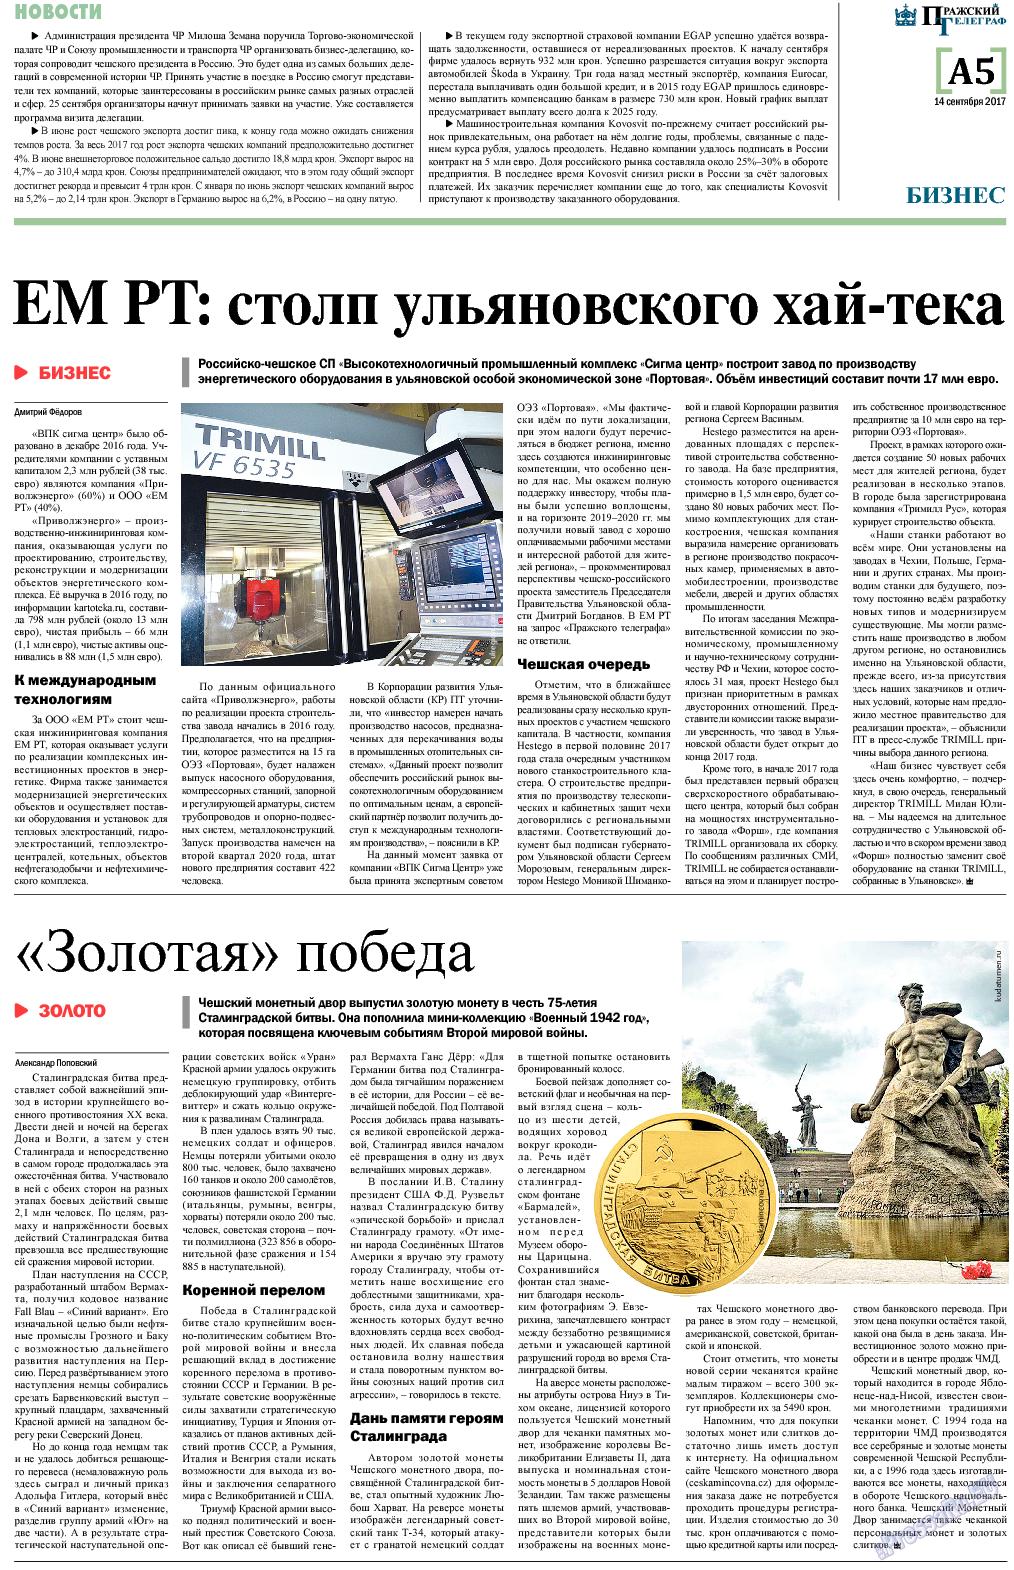 Пражский телеграф (газета). 2017 год, номер 36, стр. 5